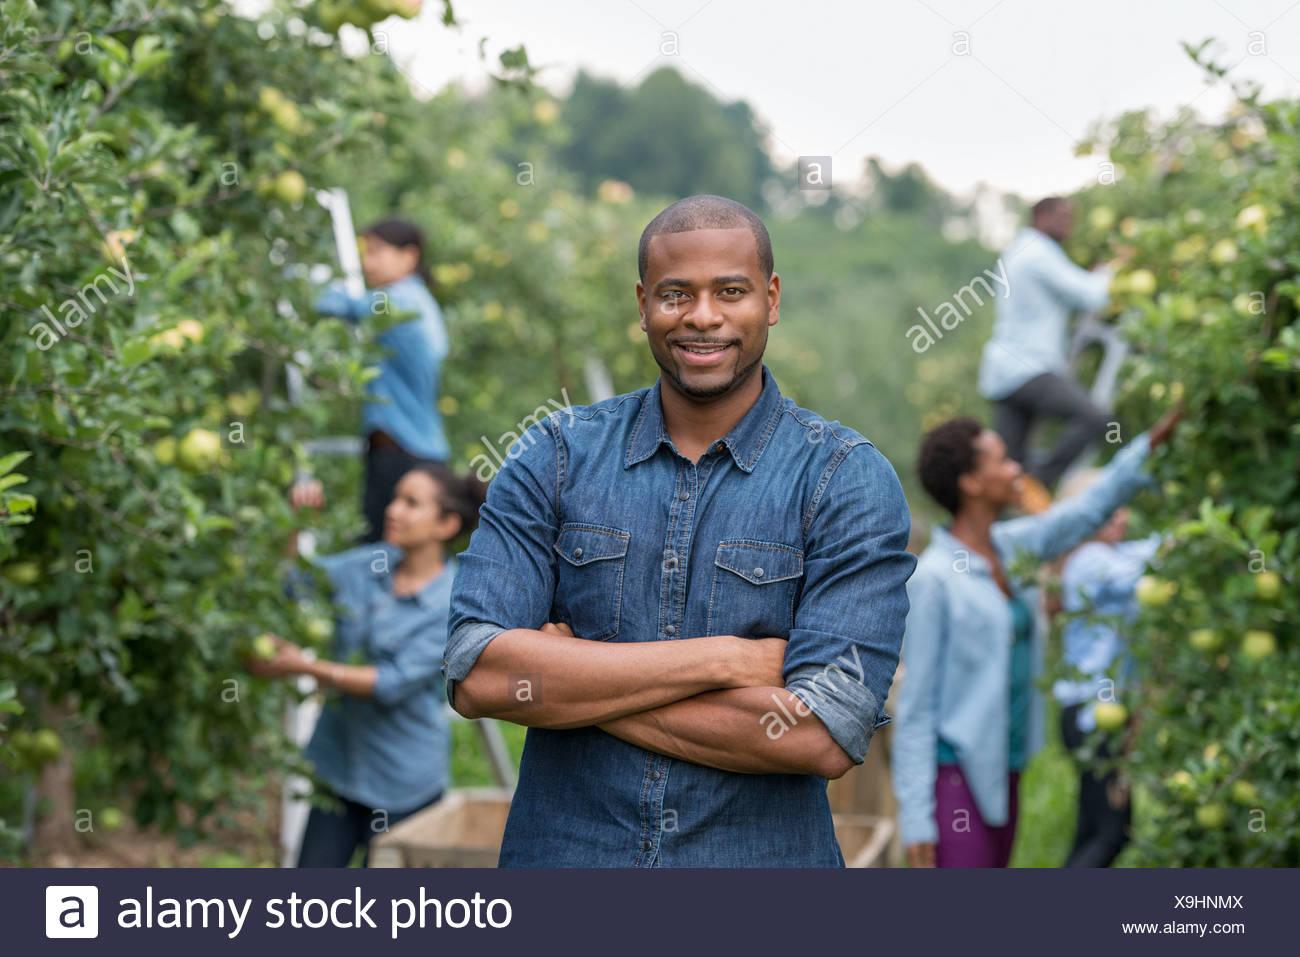 Un frutteto organico in una fattoria. Un gruppo di persone la raccolta mele verdi da alberi. Immagini Stock